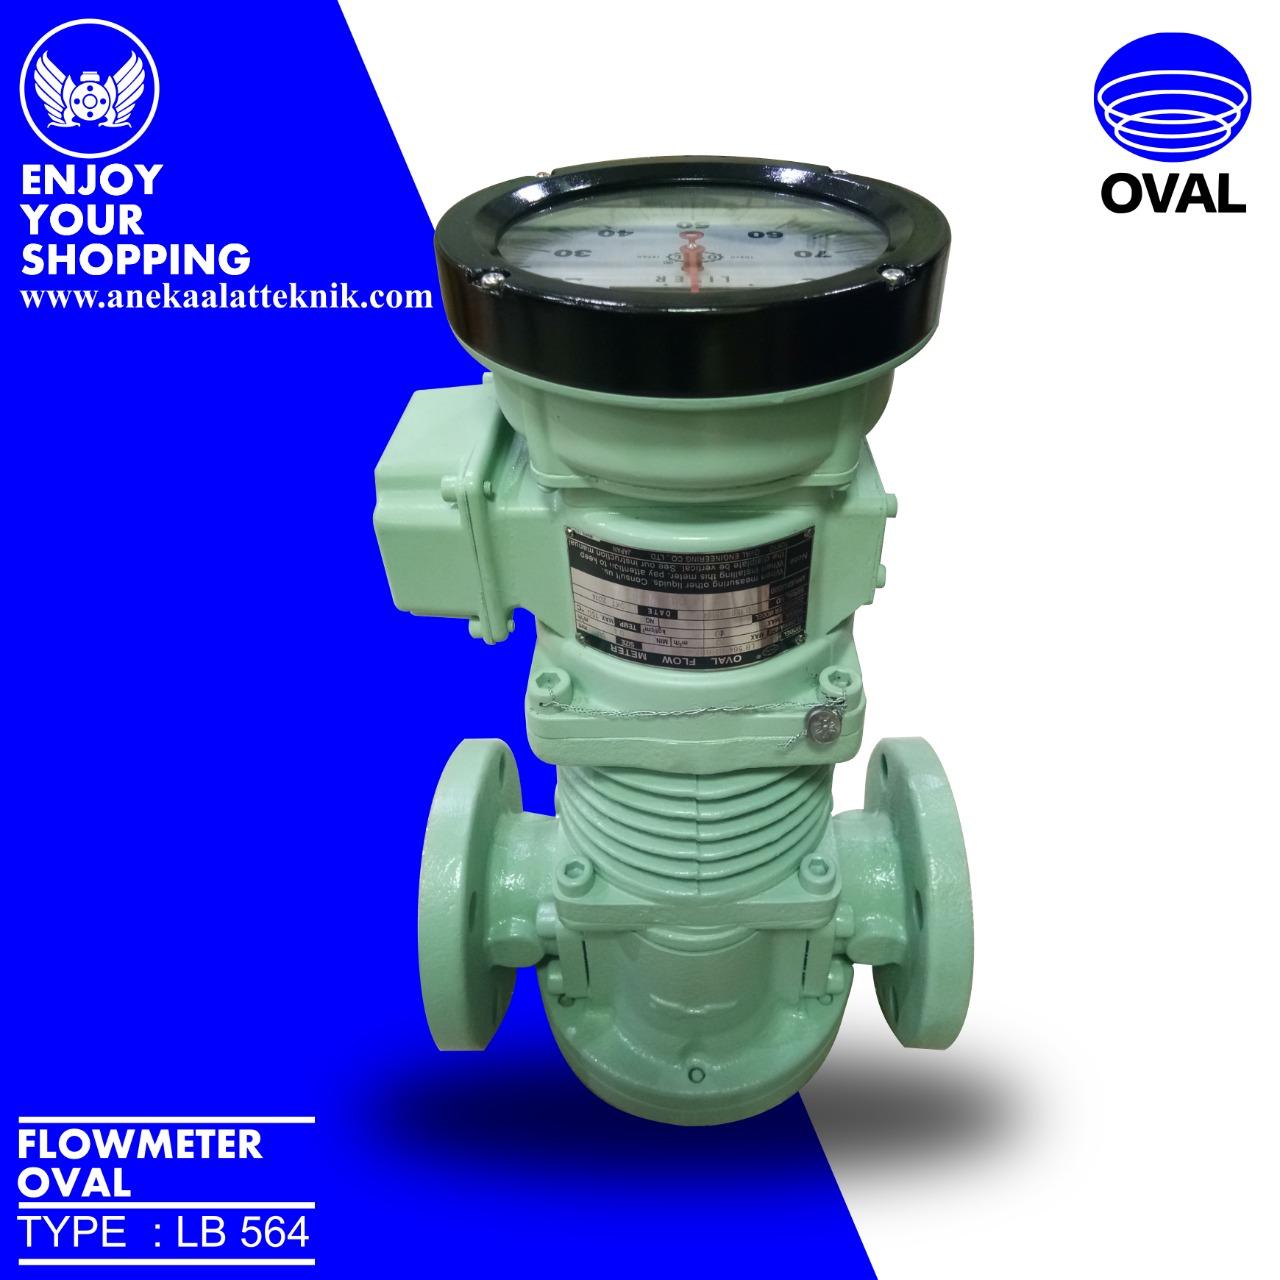 flow meter oval